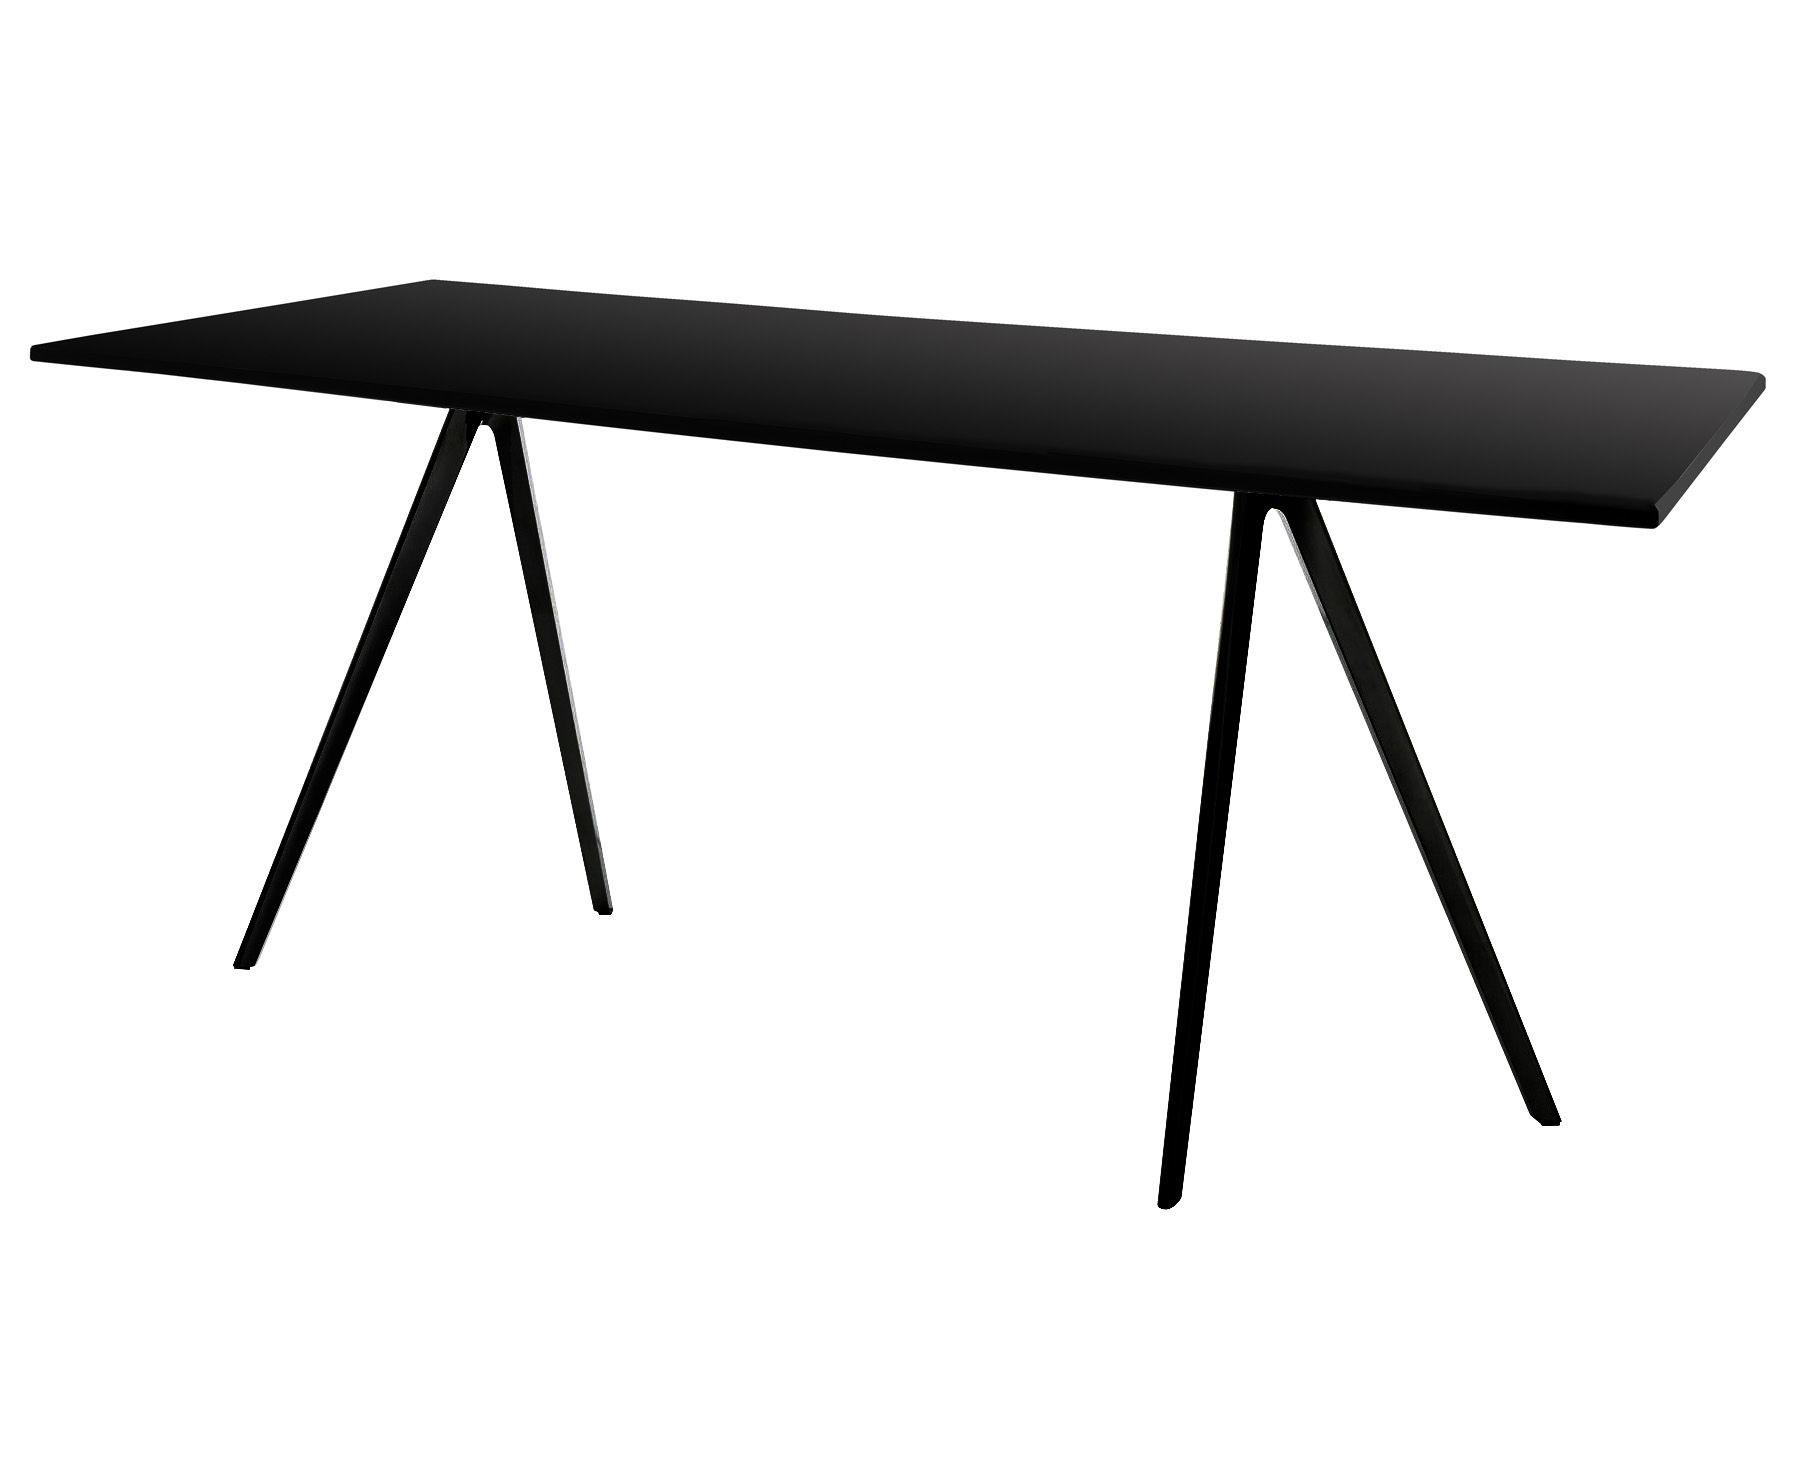 Tendances - Un bureau plein d'esprit - Table Baguette / MDF - 160 x 85 cm - Magis - Pied noir / Plateau MDF noir - Fonte d'aluminium verni, MDF laqué